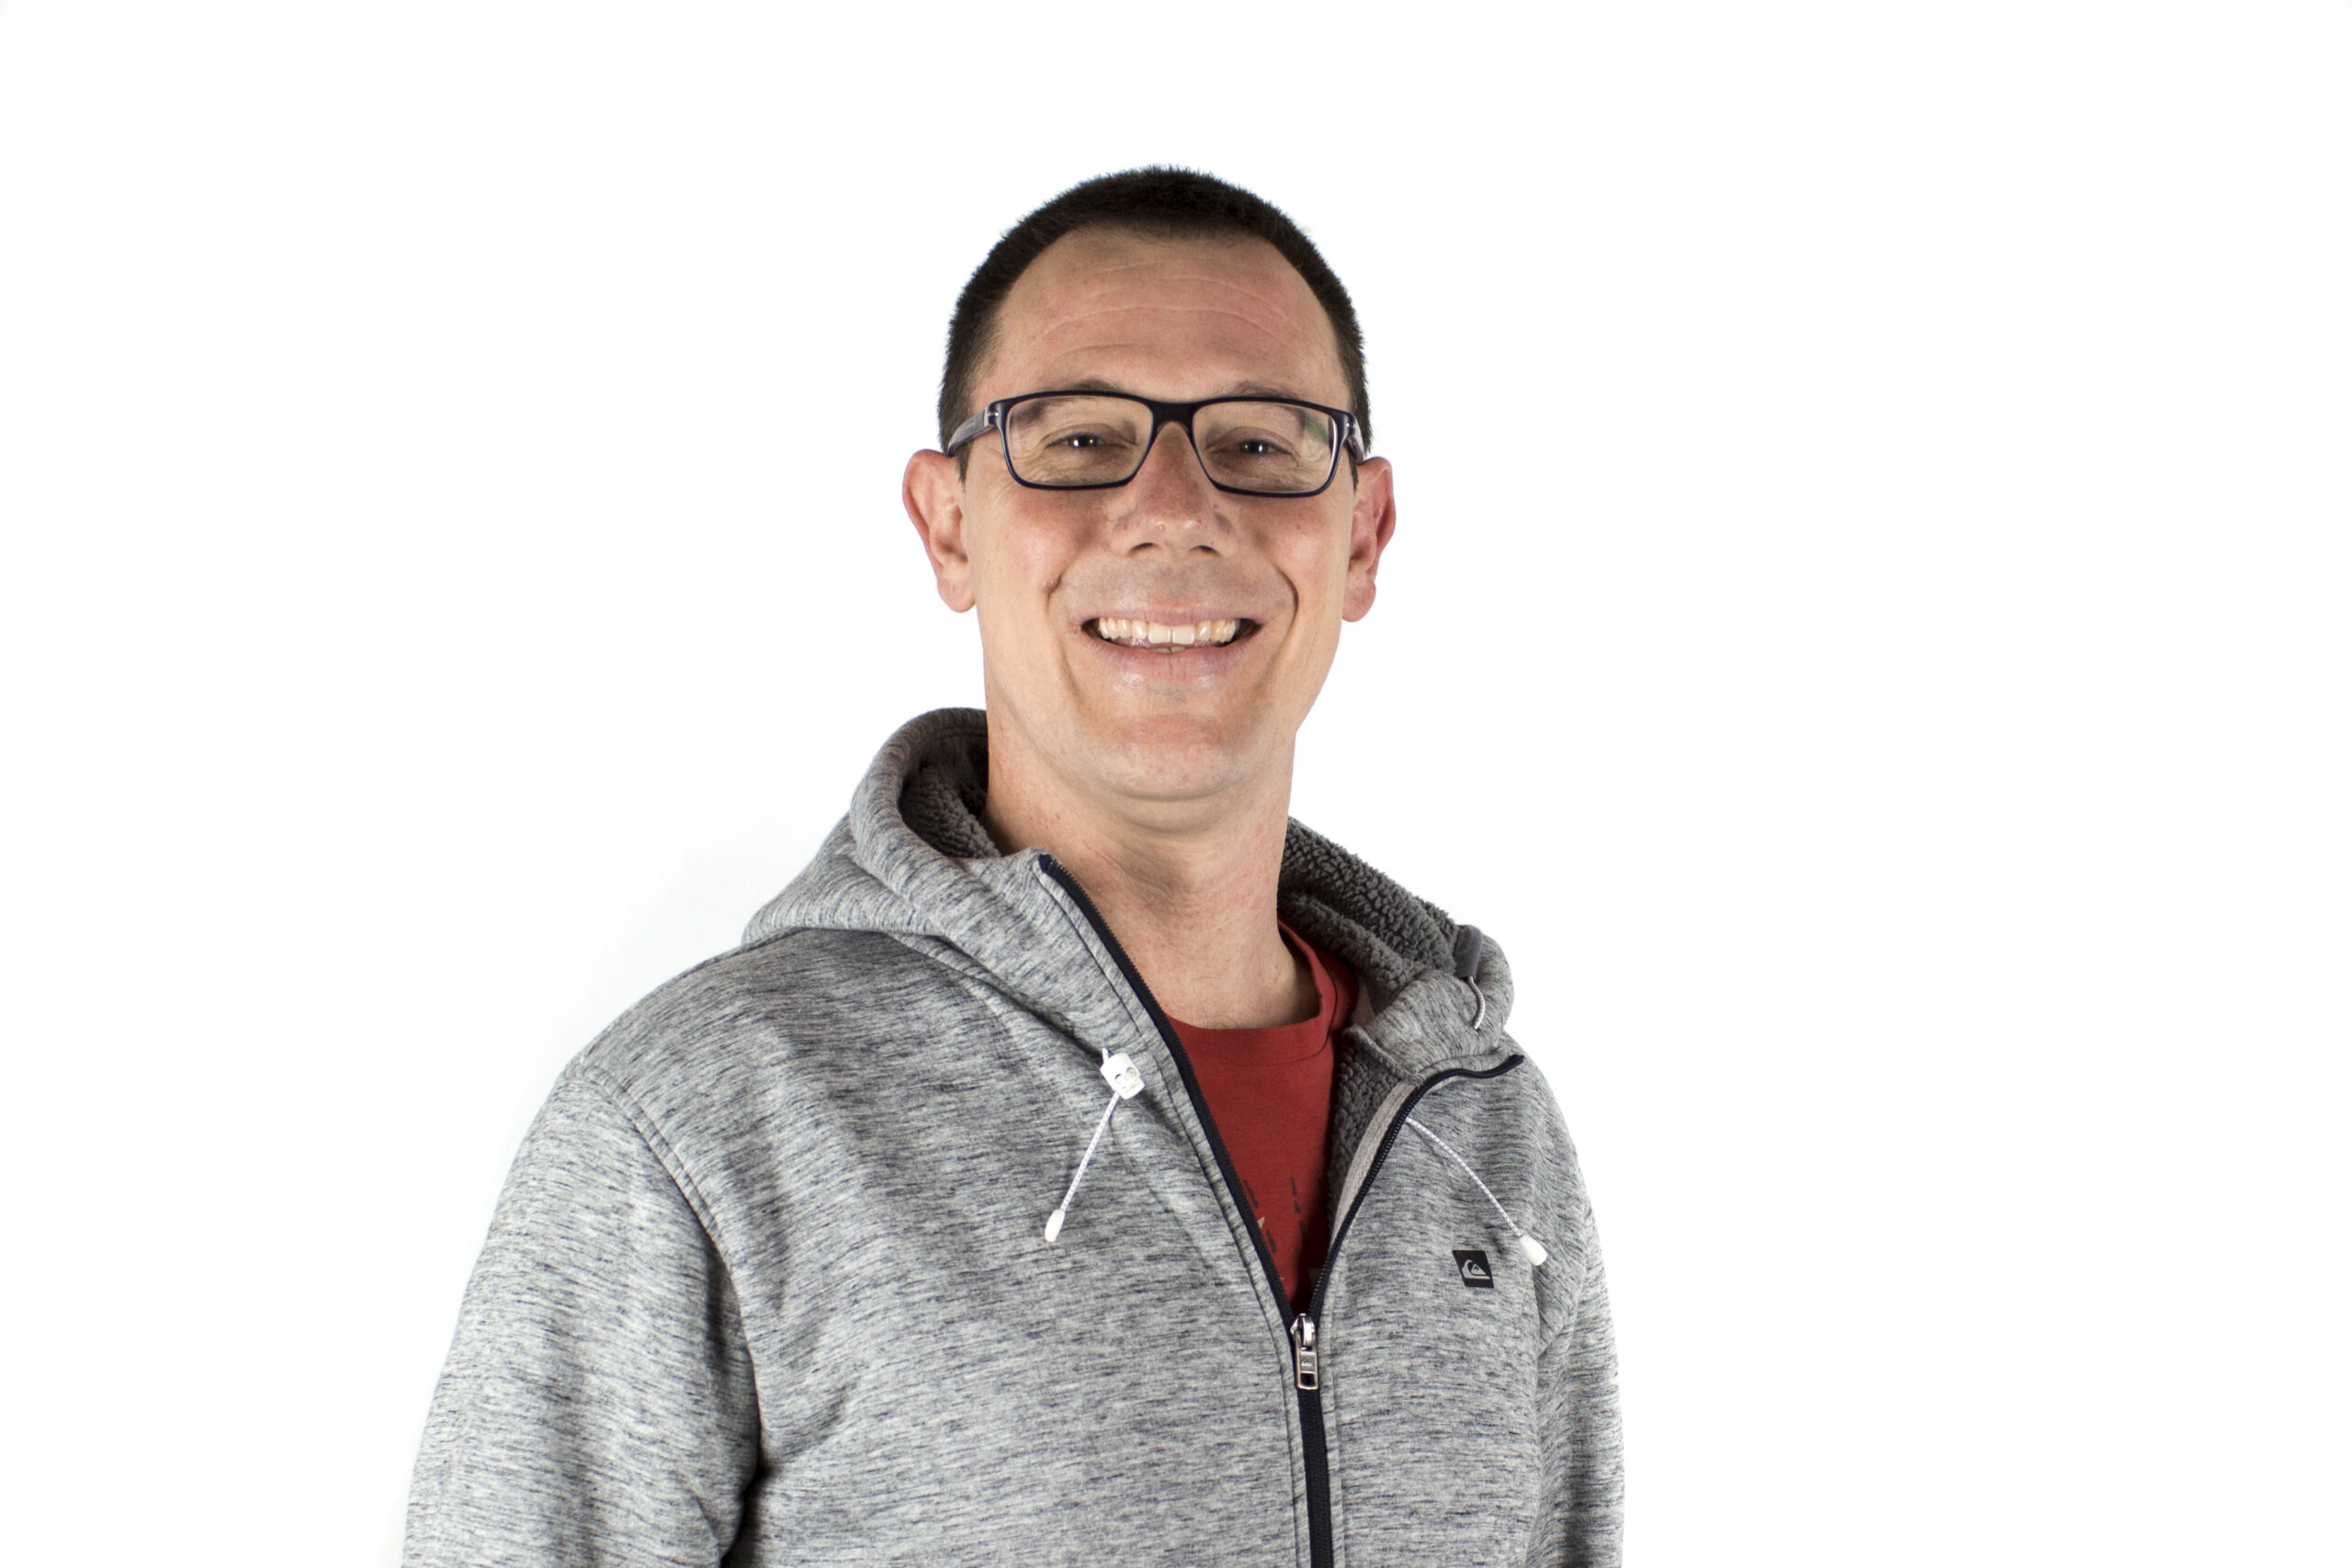 Denis Russo